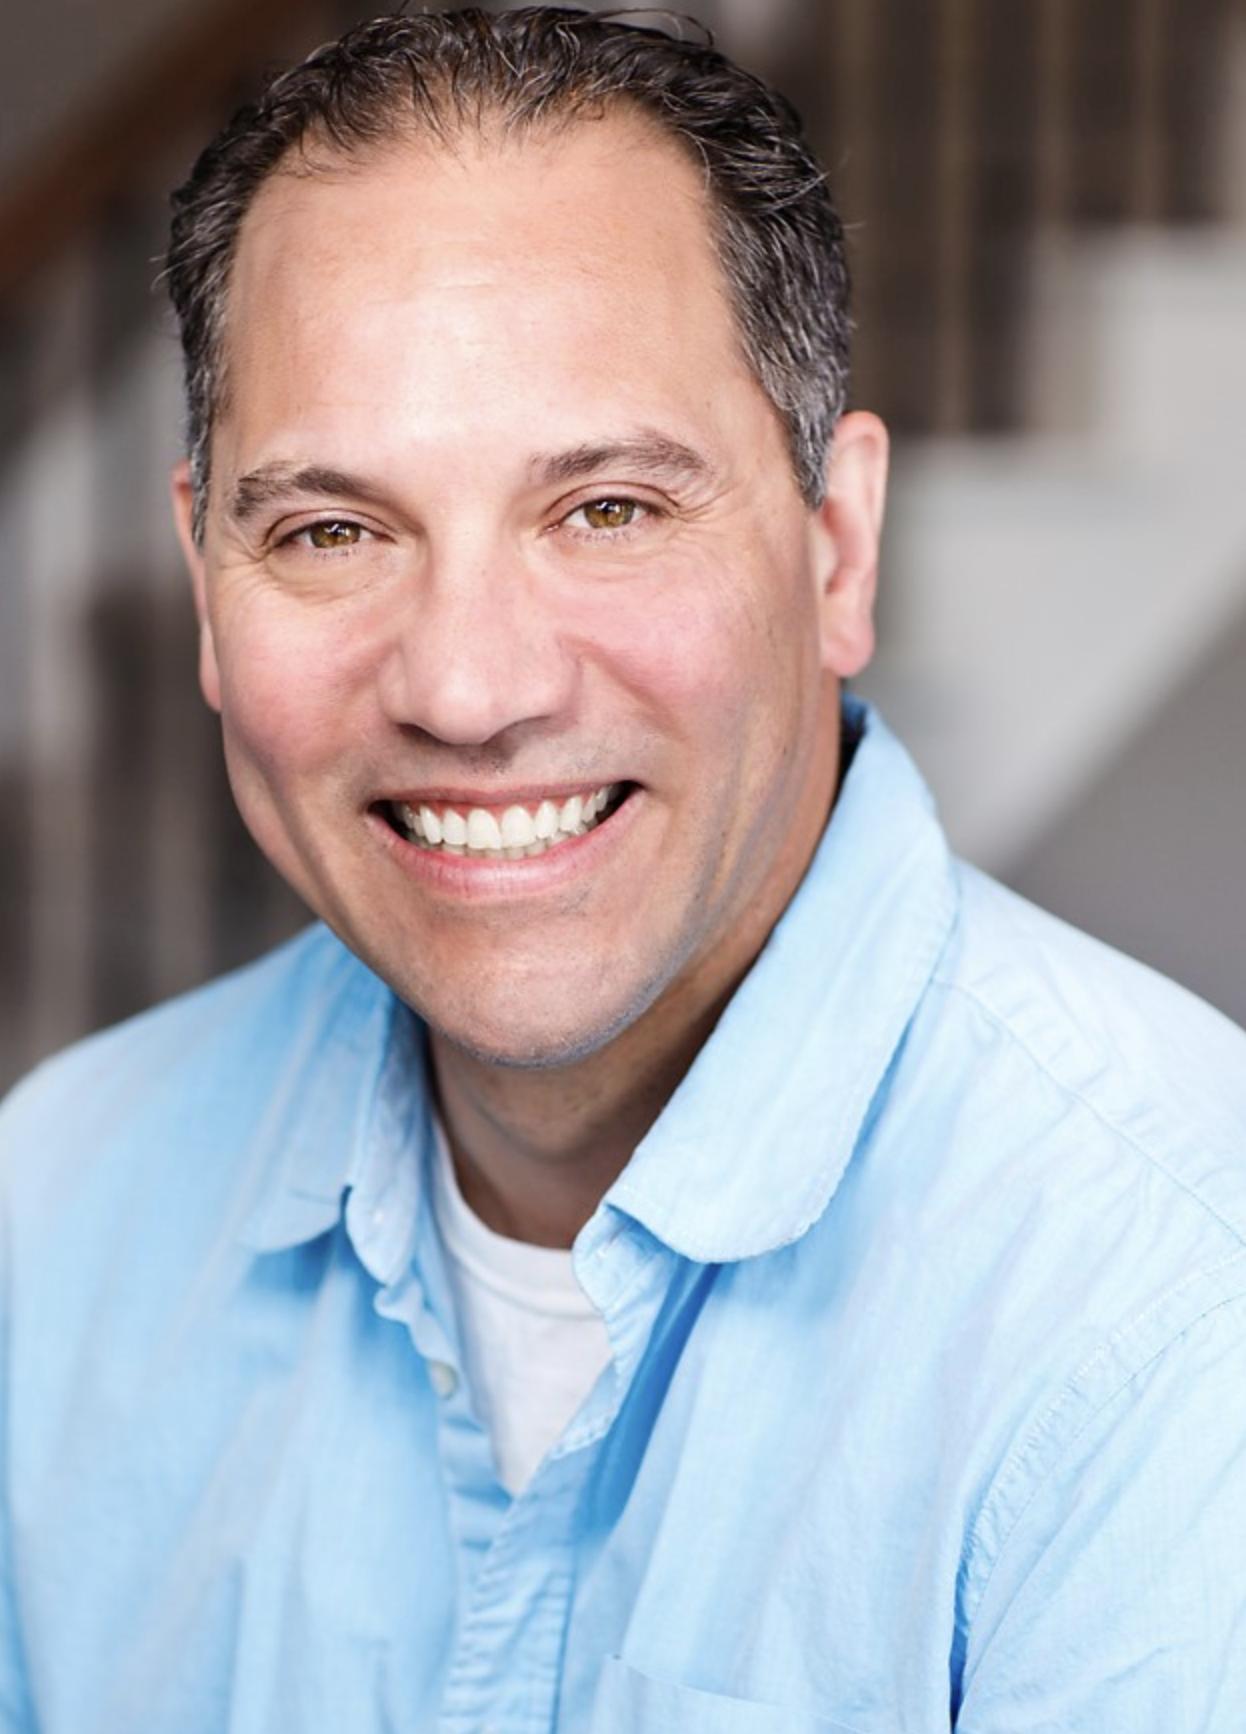 Steve H. | Actor + Spokesperson